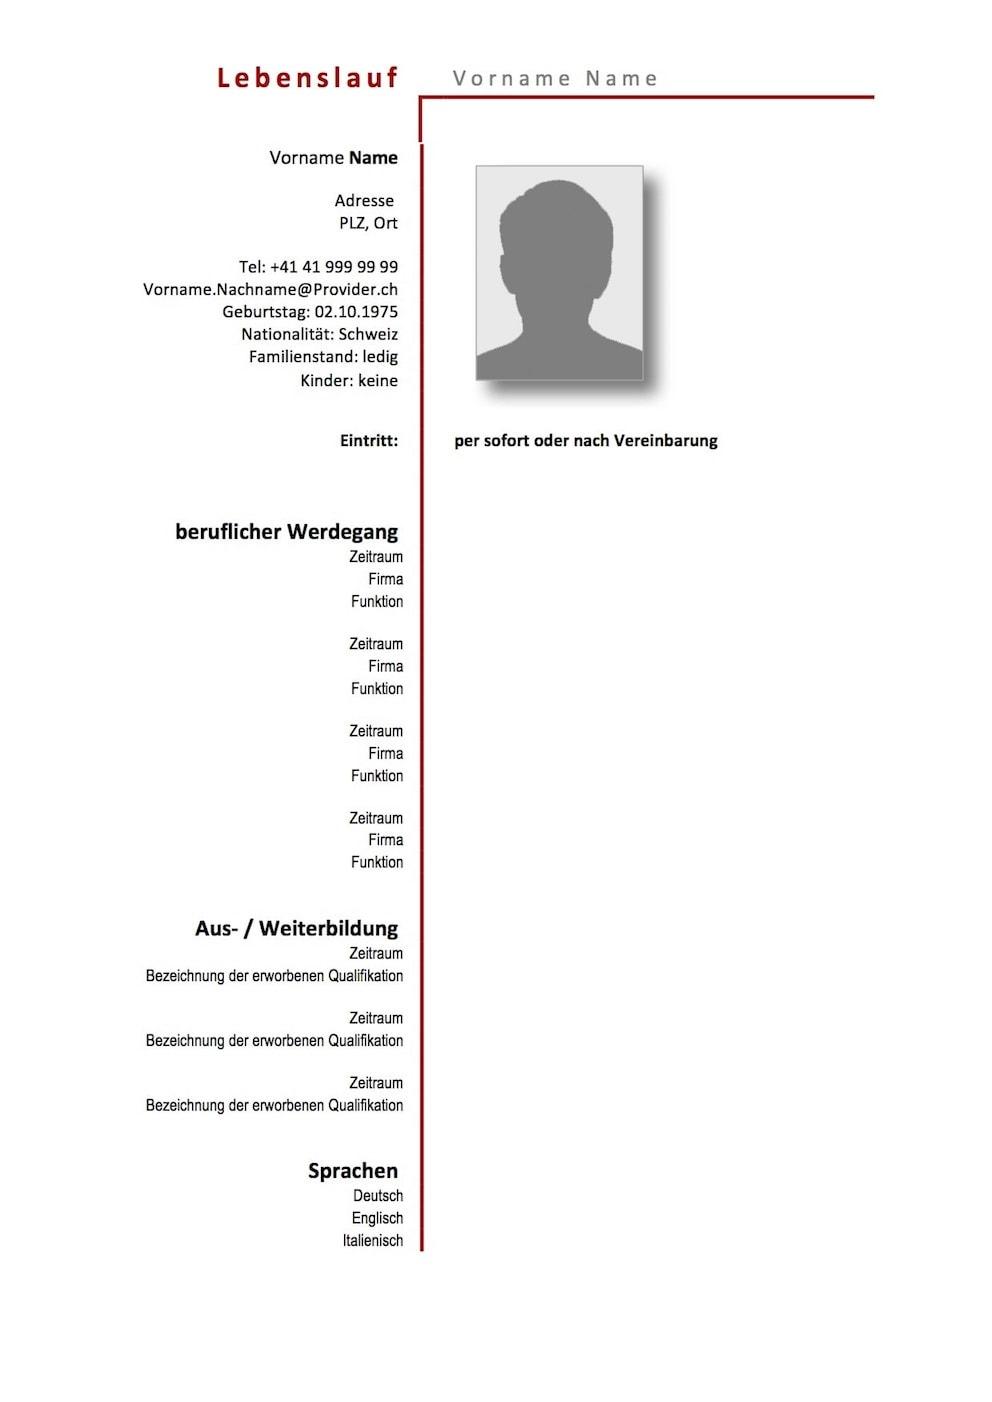 Lebenslauf Vorlage Schweiz (Word-Format)